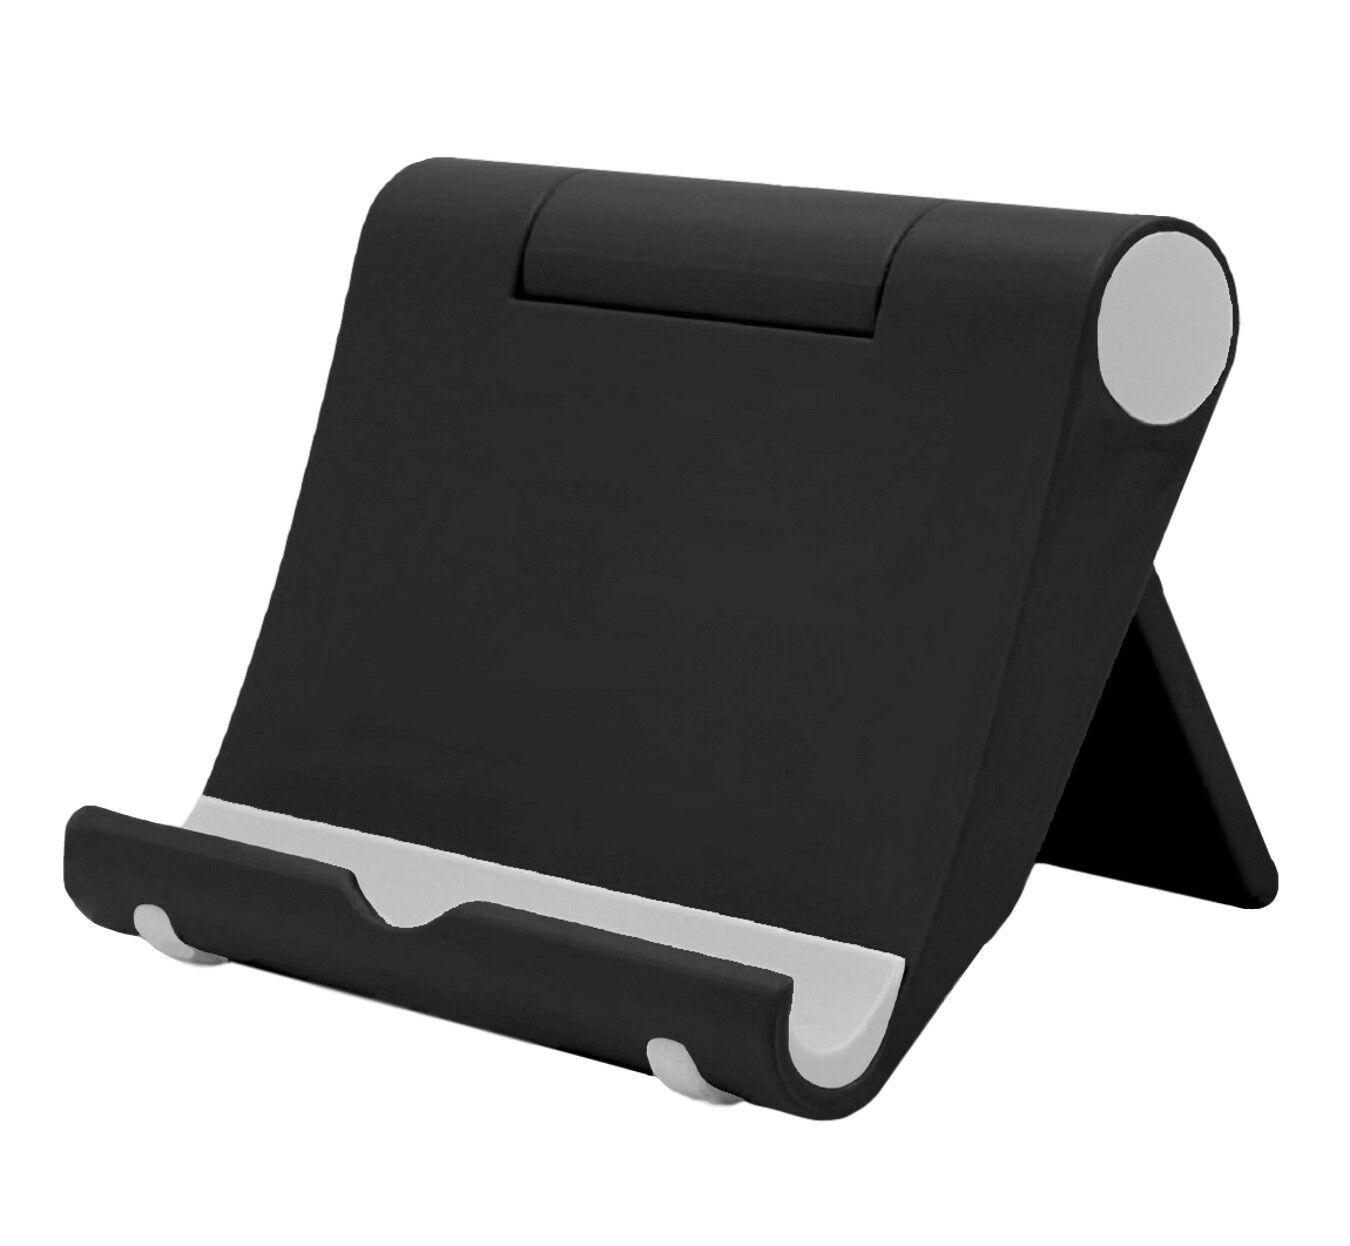 Verstellbarer Multi-Winkel Handyhalter / Handyständer für Smartphones & Tablets